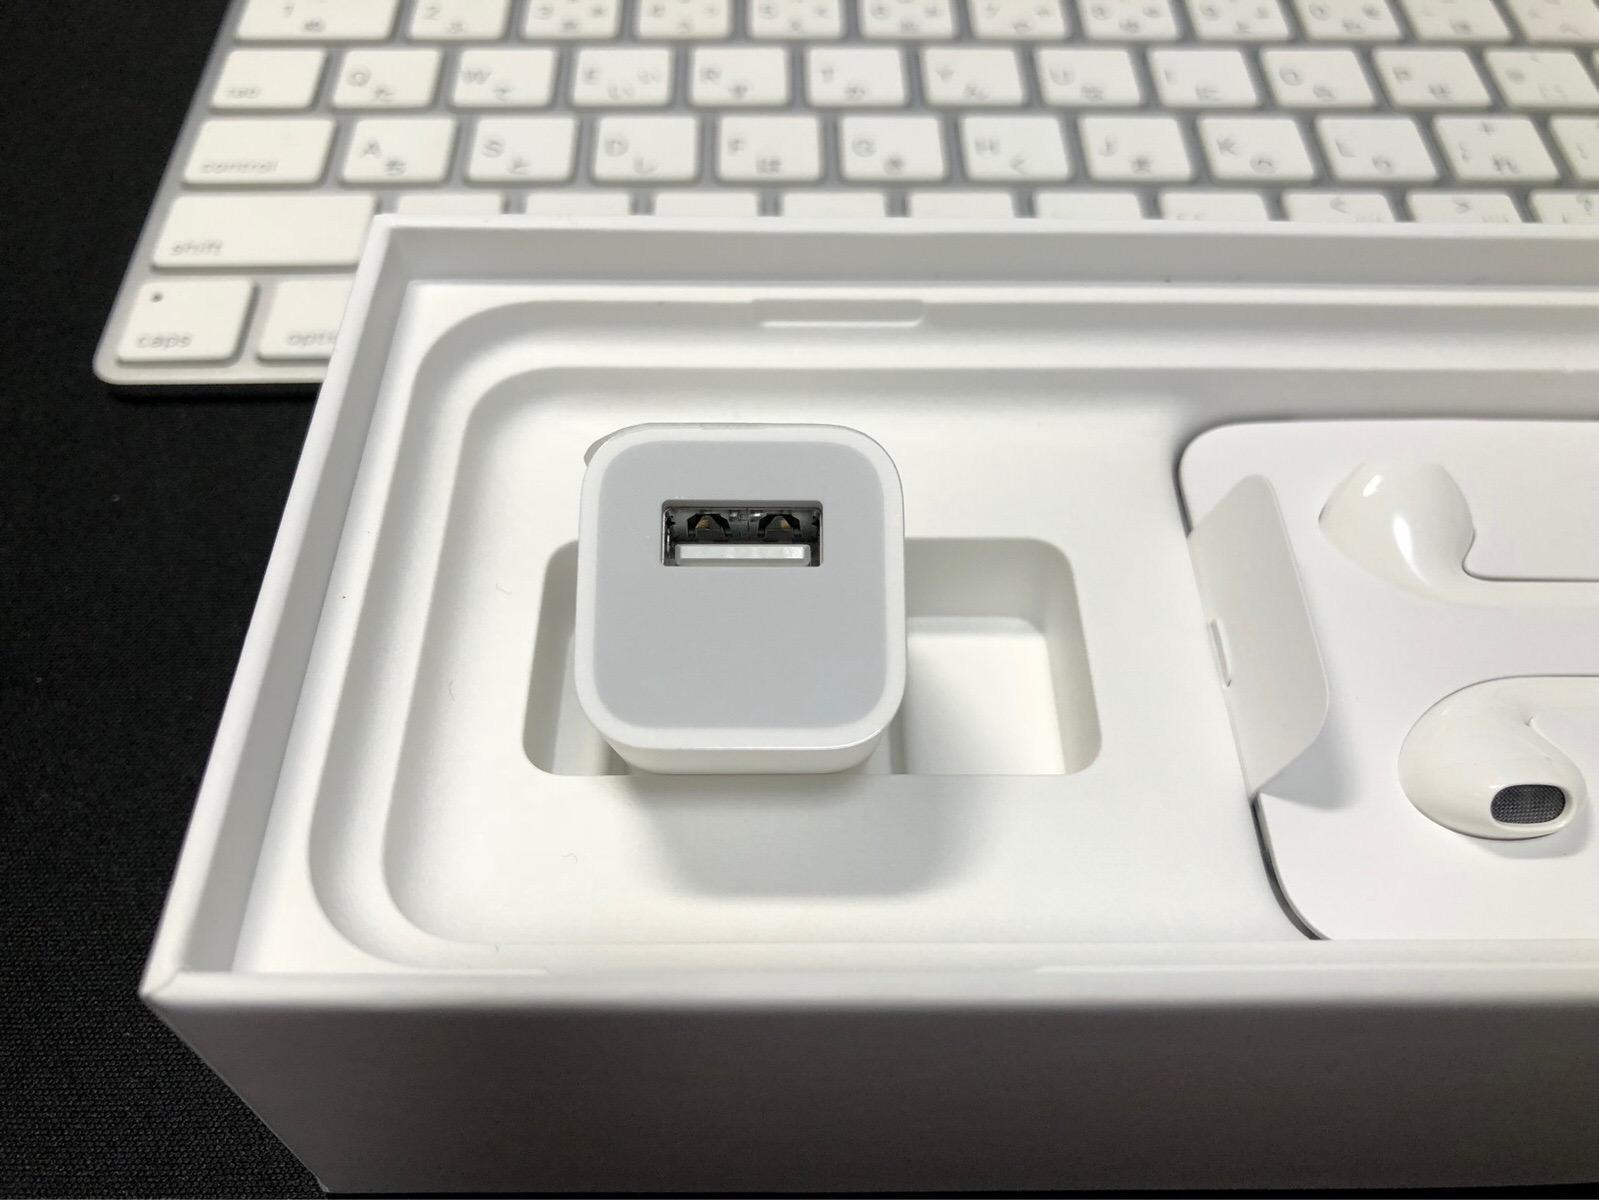 USB電源アダプタ